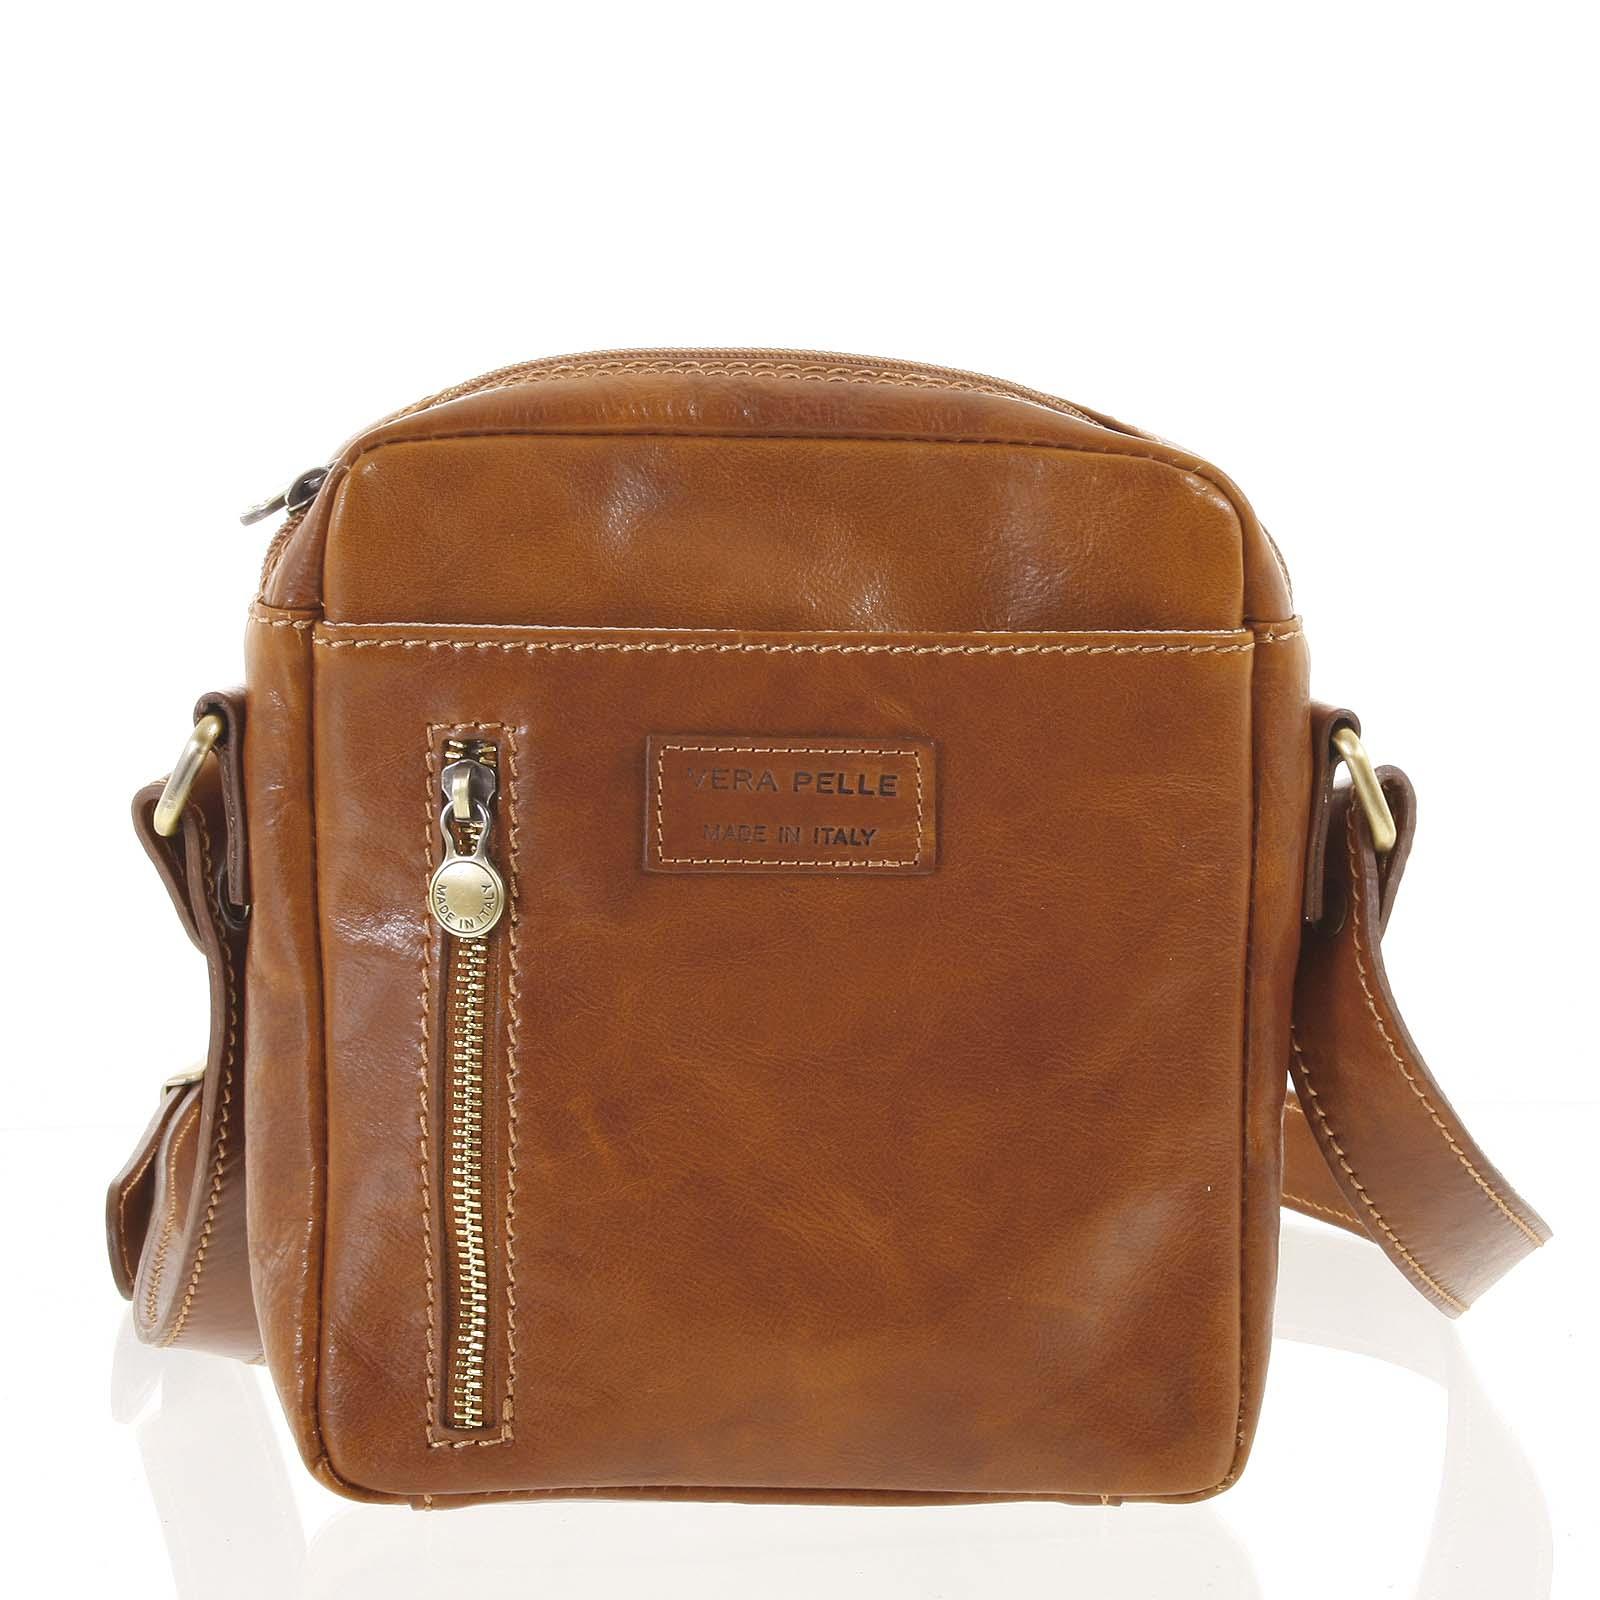 Kvalitné svetlo hnedá kožená pánska taška cez rameno - ItalY Sollis hnedá